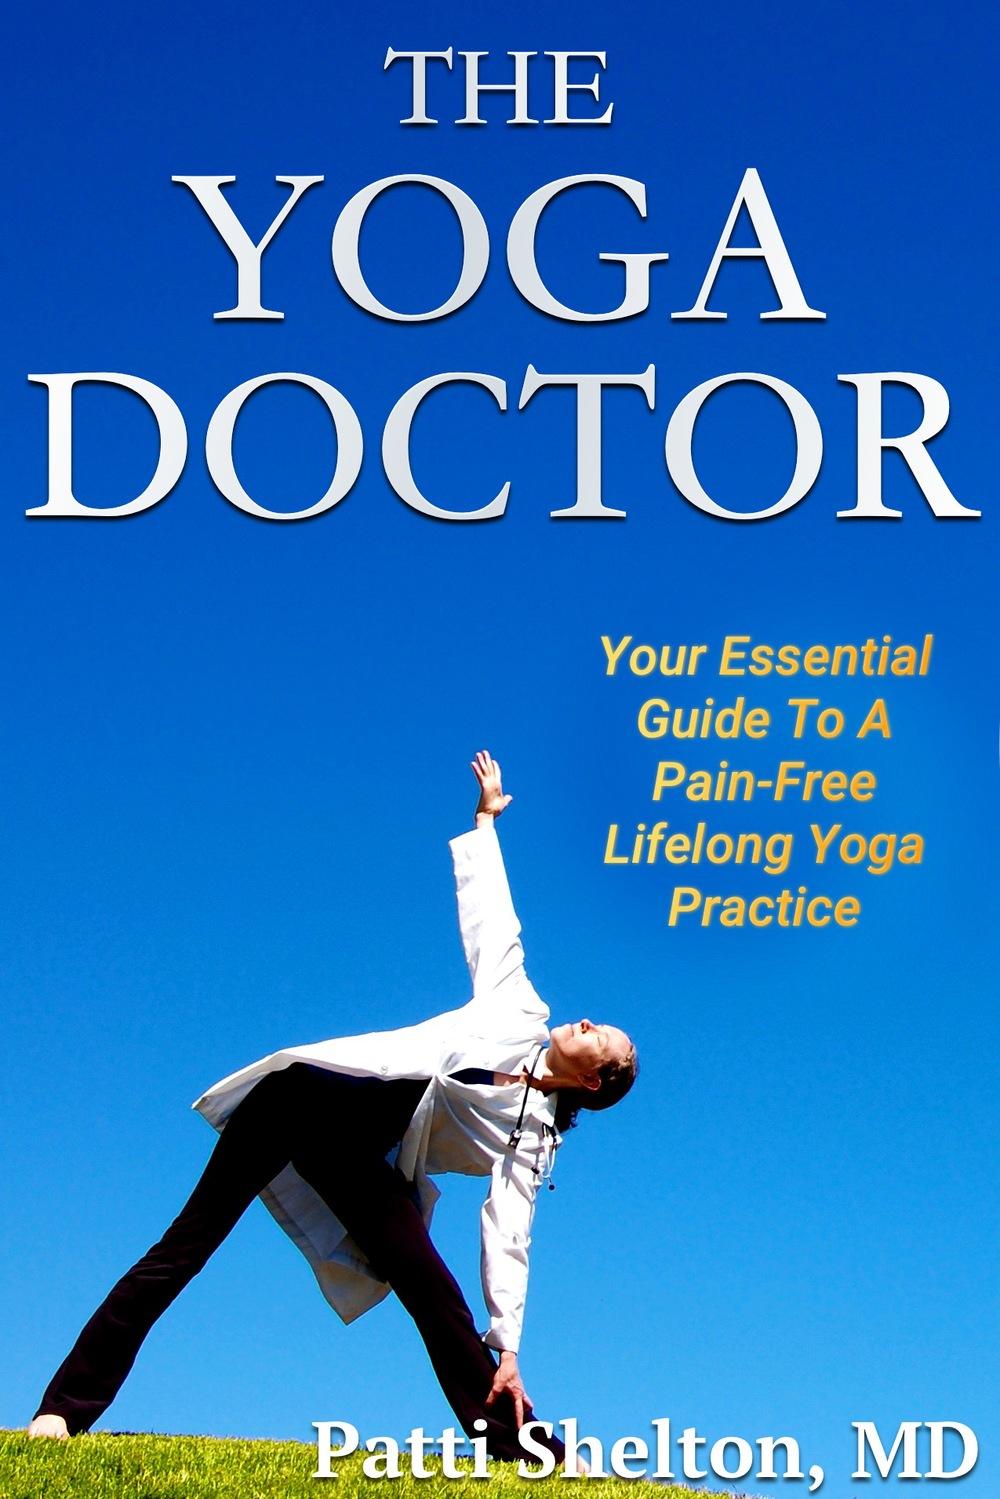 yoga doctor cover.JPG